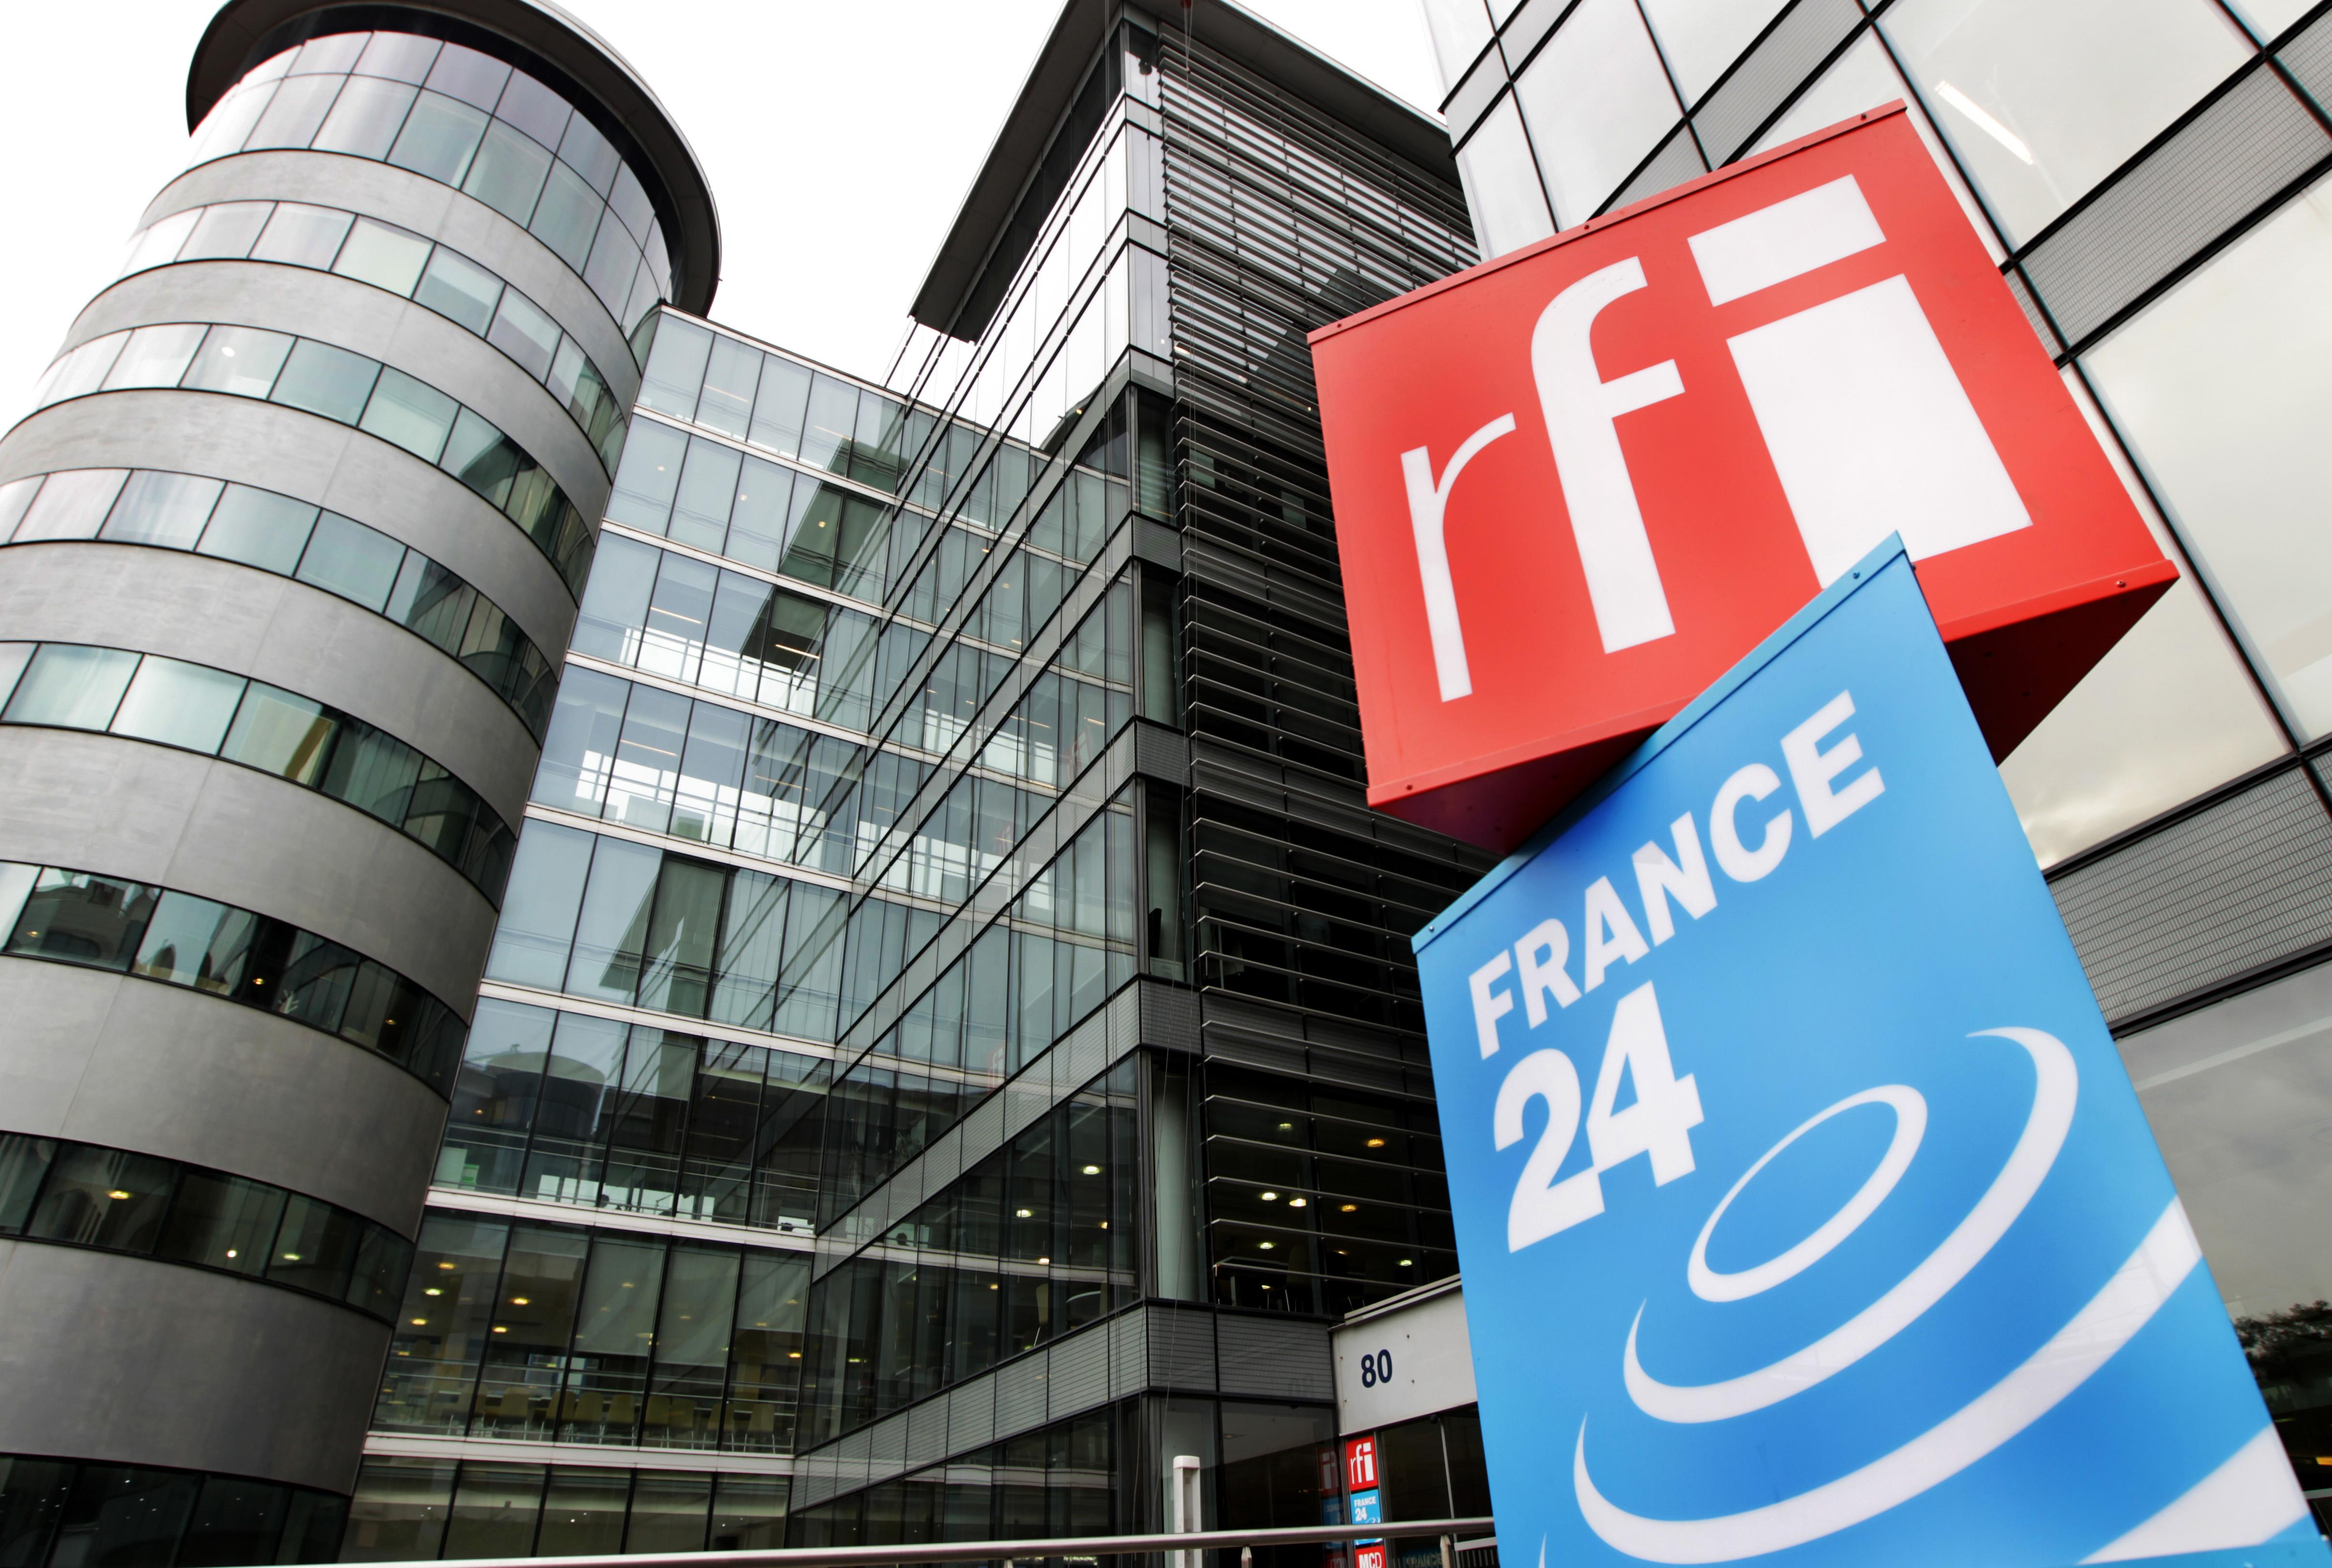 Le projet de loi de finances pour 2019 prévoit une dotation de 256.2 millions d'euros HT, en diminution de 1.6 million d'euros.